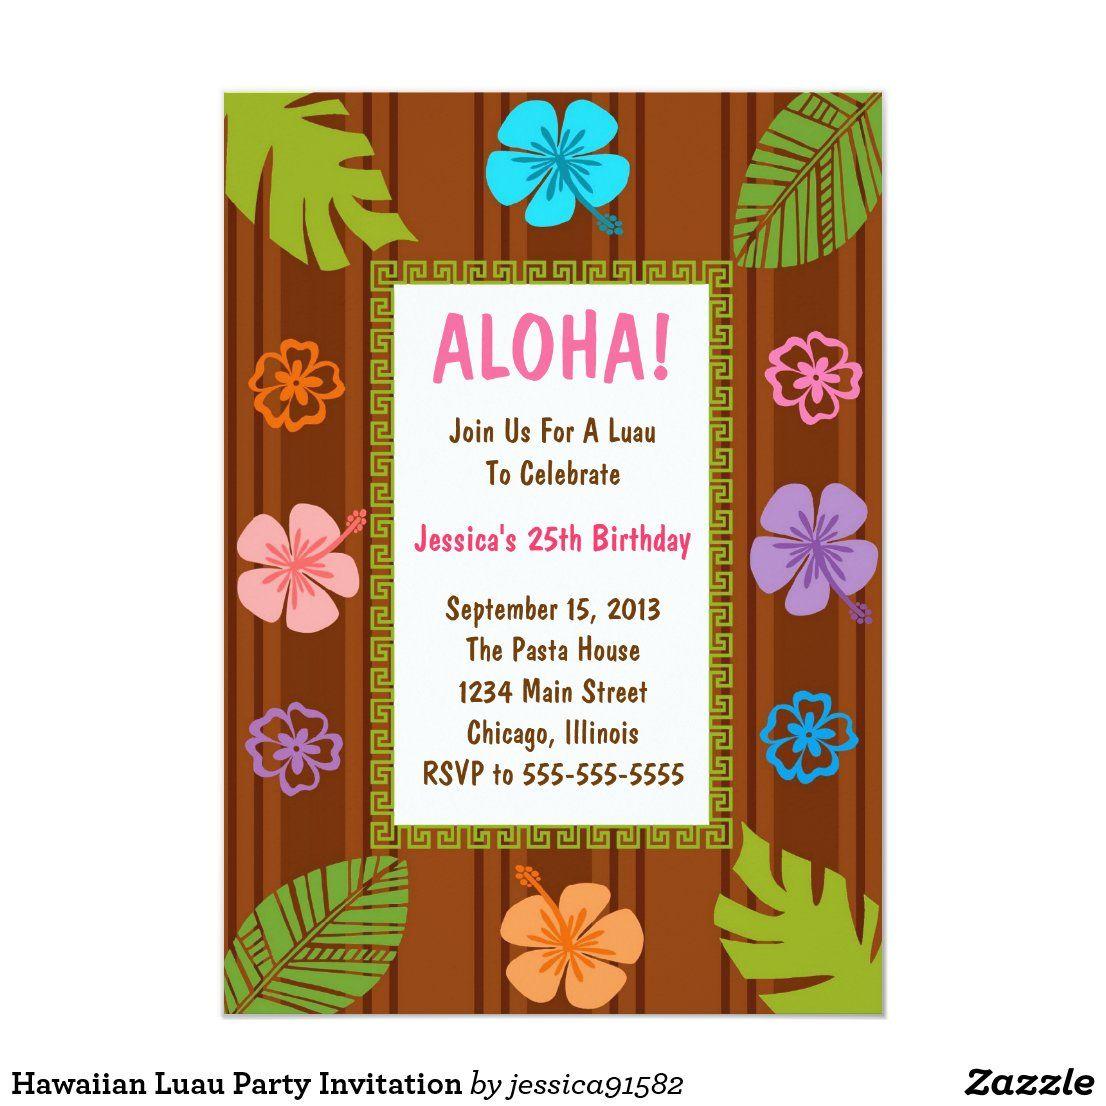 Hawaiian Luau Party Invitation | Zazzle.com